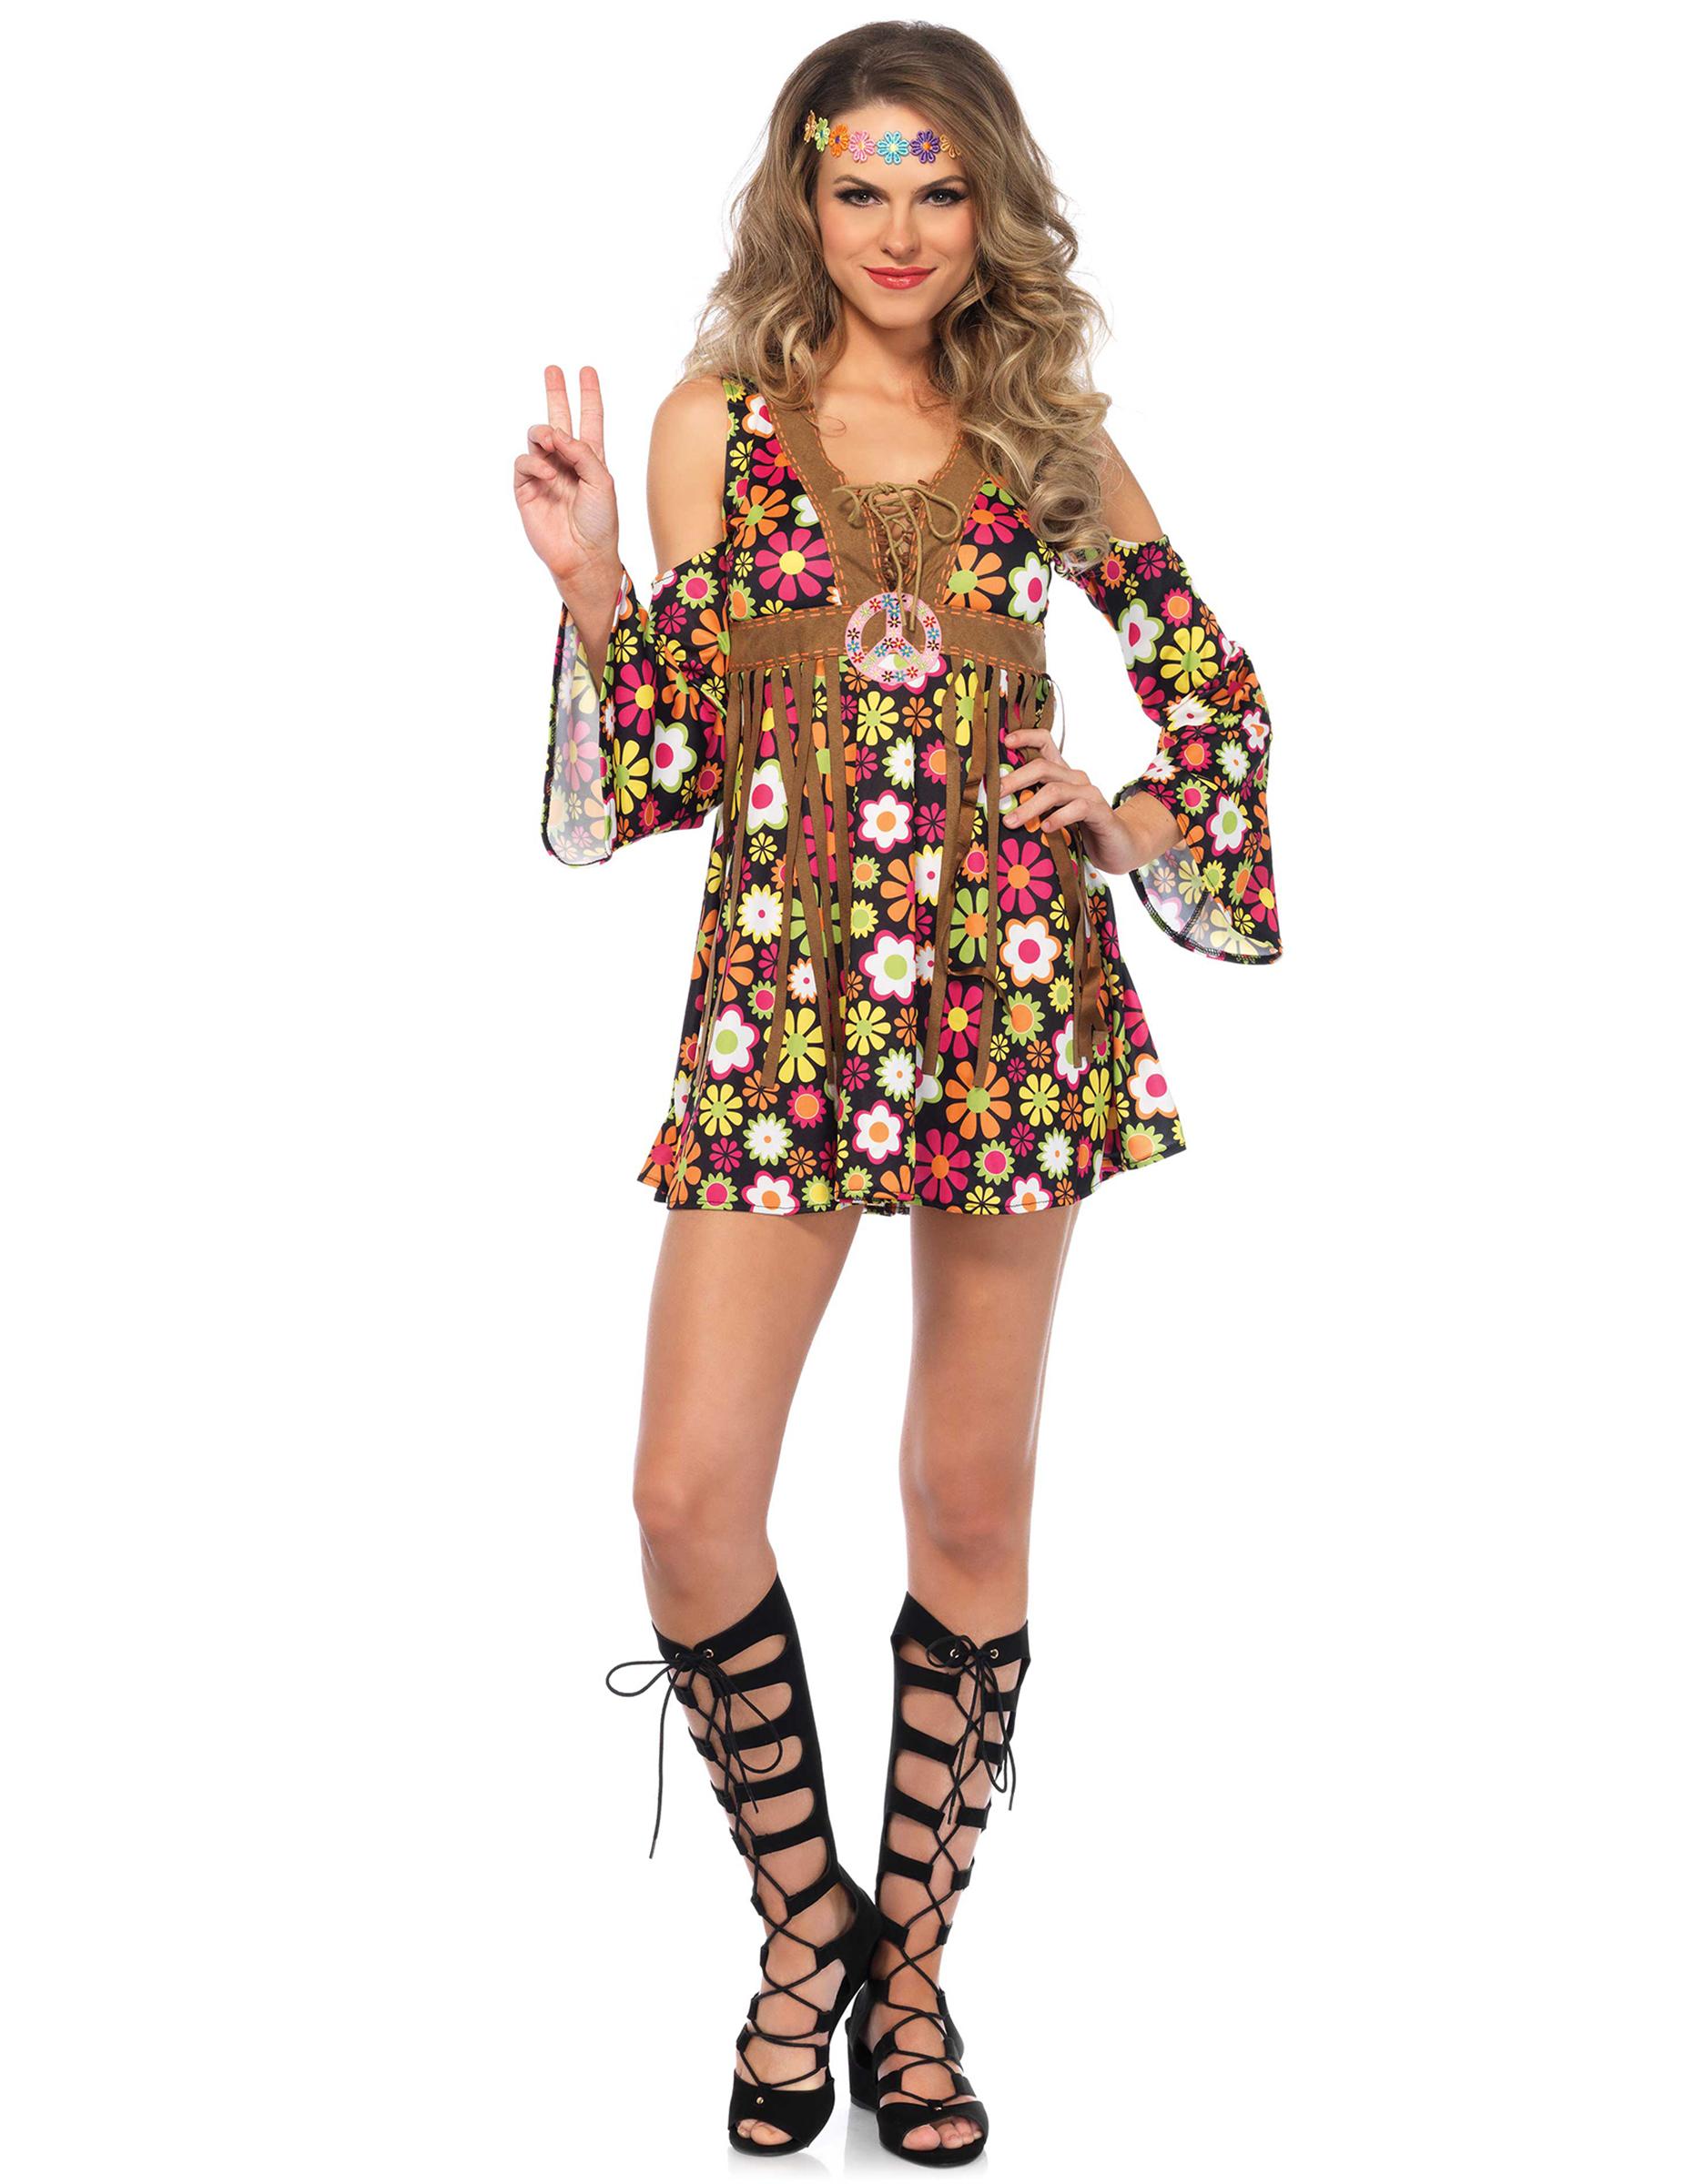 6faf2e8668c6 Vestito hippie figlia dei fiori su VegaooParty